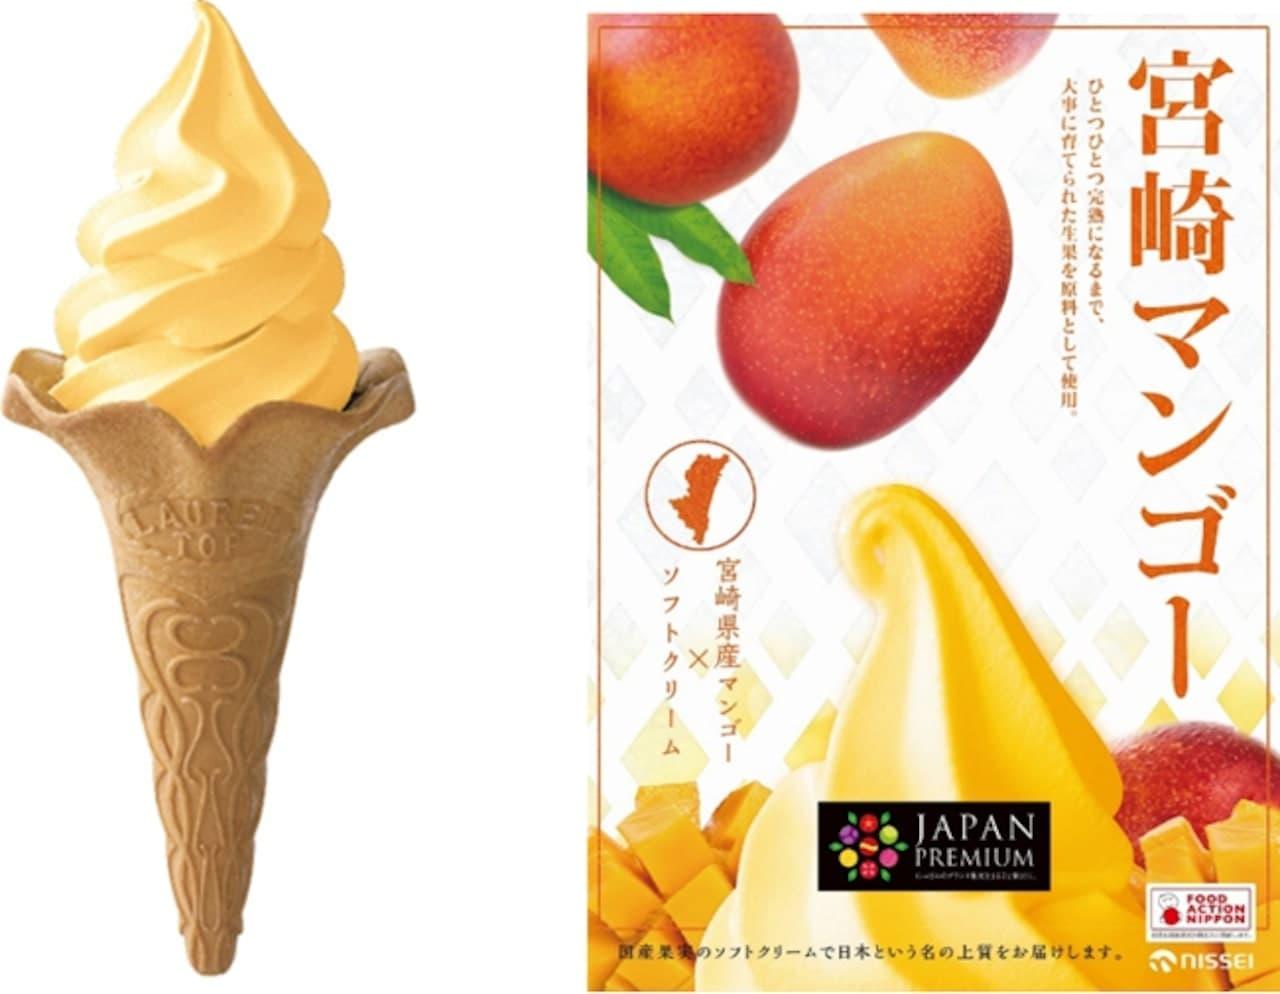 「JAPAN PREMIUM「JP宮崎マンゴーソフトミックス」